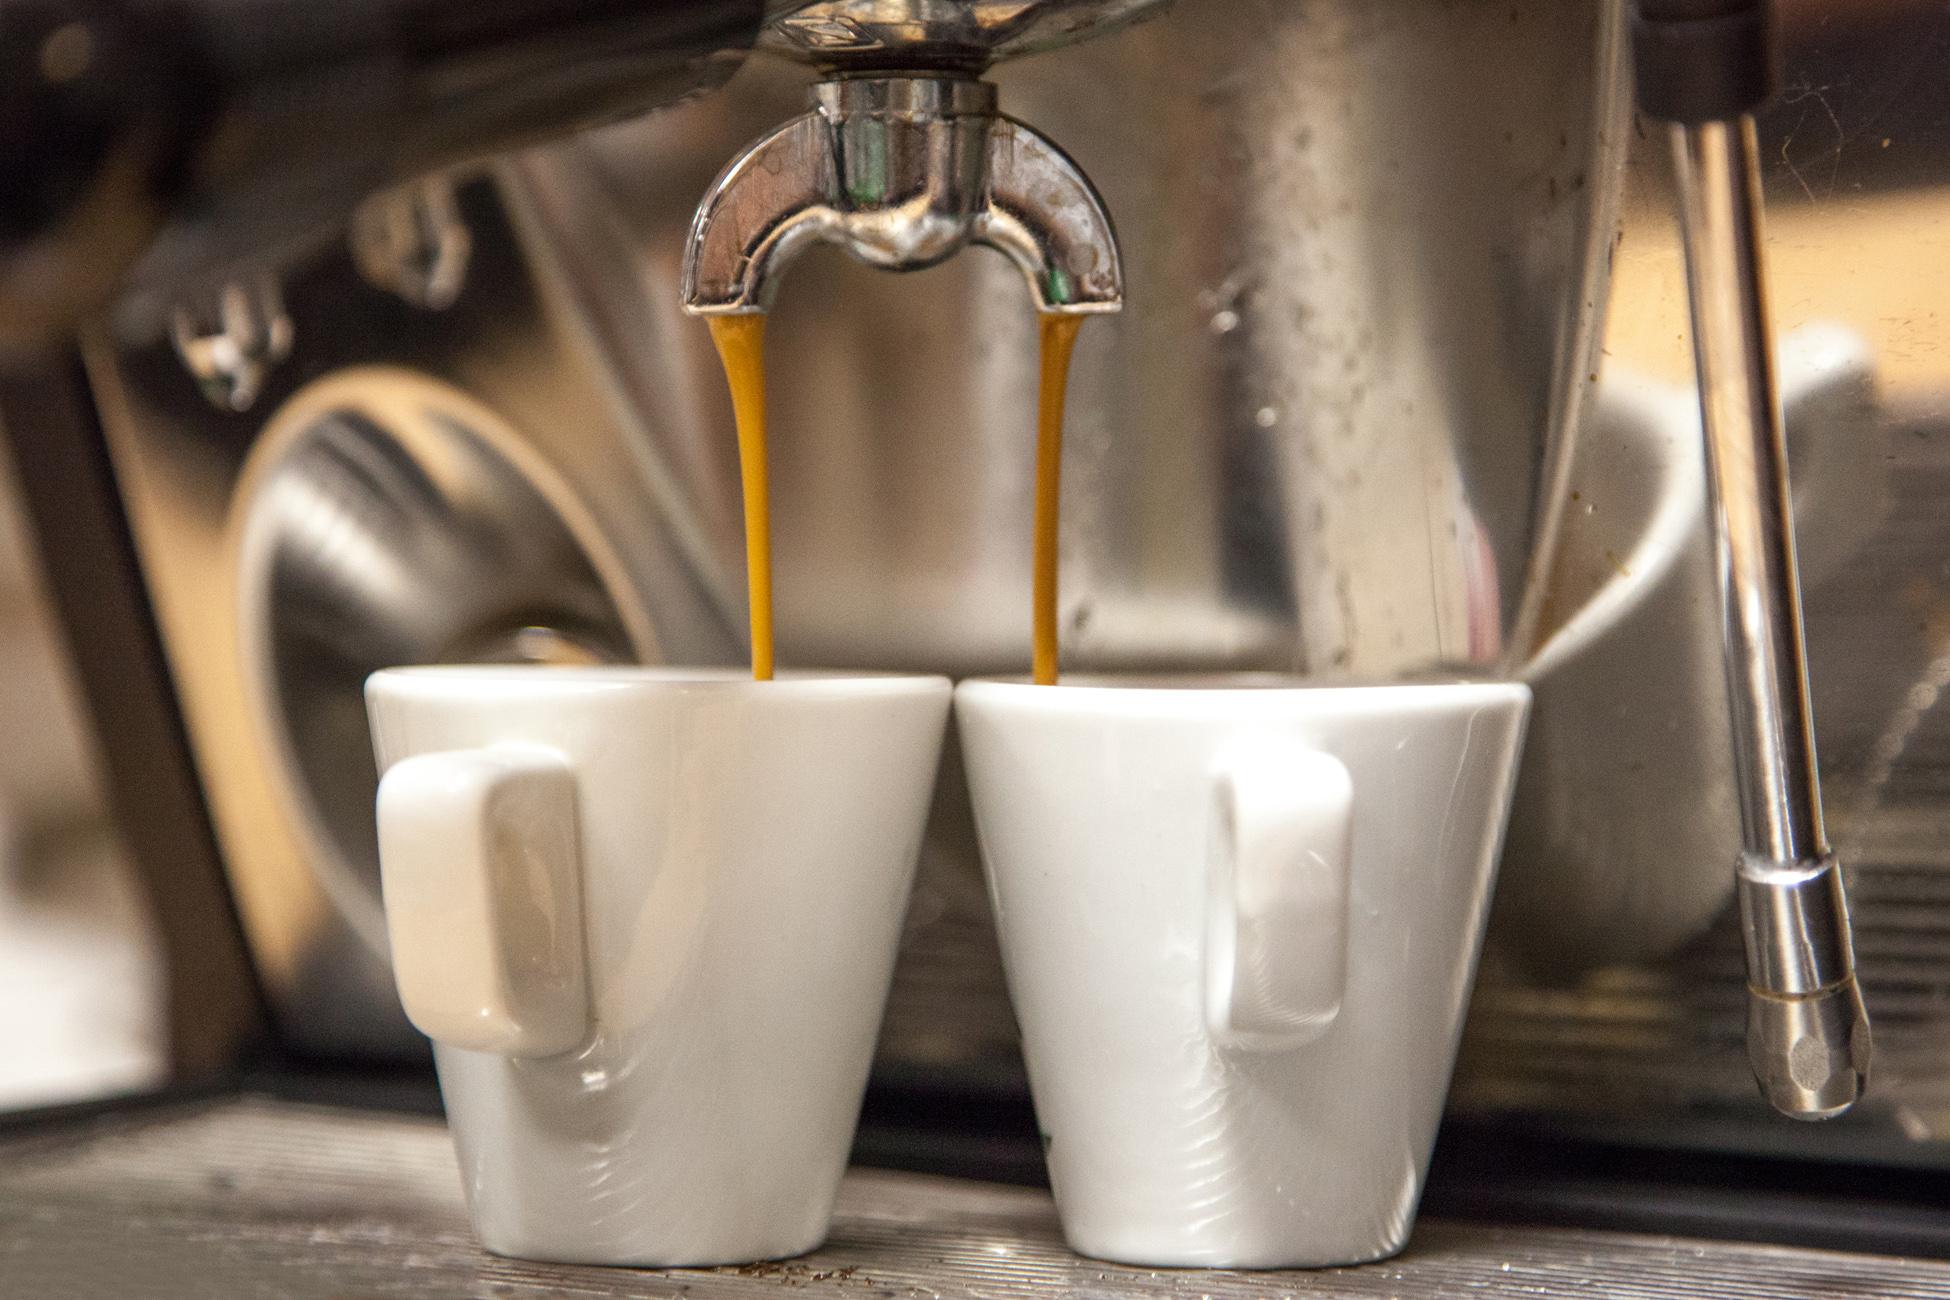 Contrairement aux idées reçues, les cafés courts comme les ristrettos sont peu chargés en caféine.